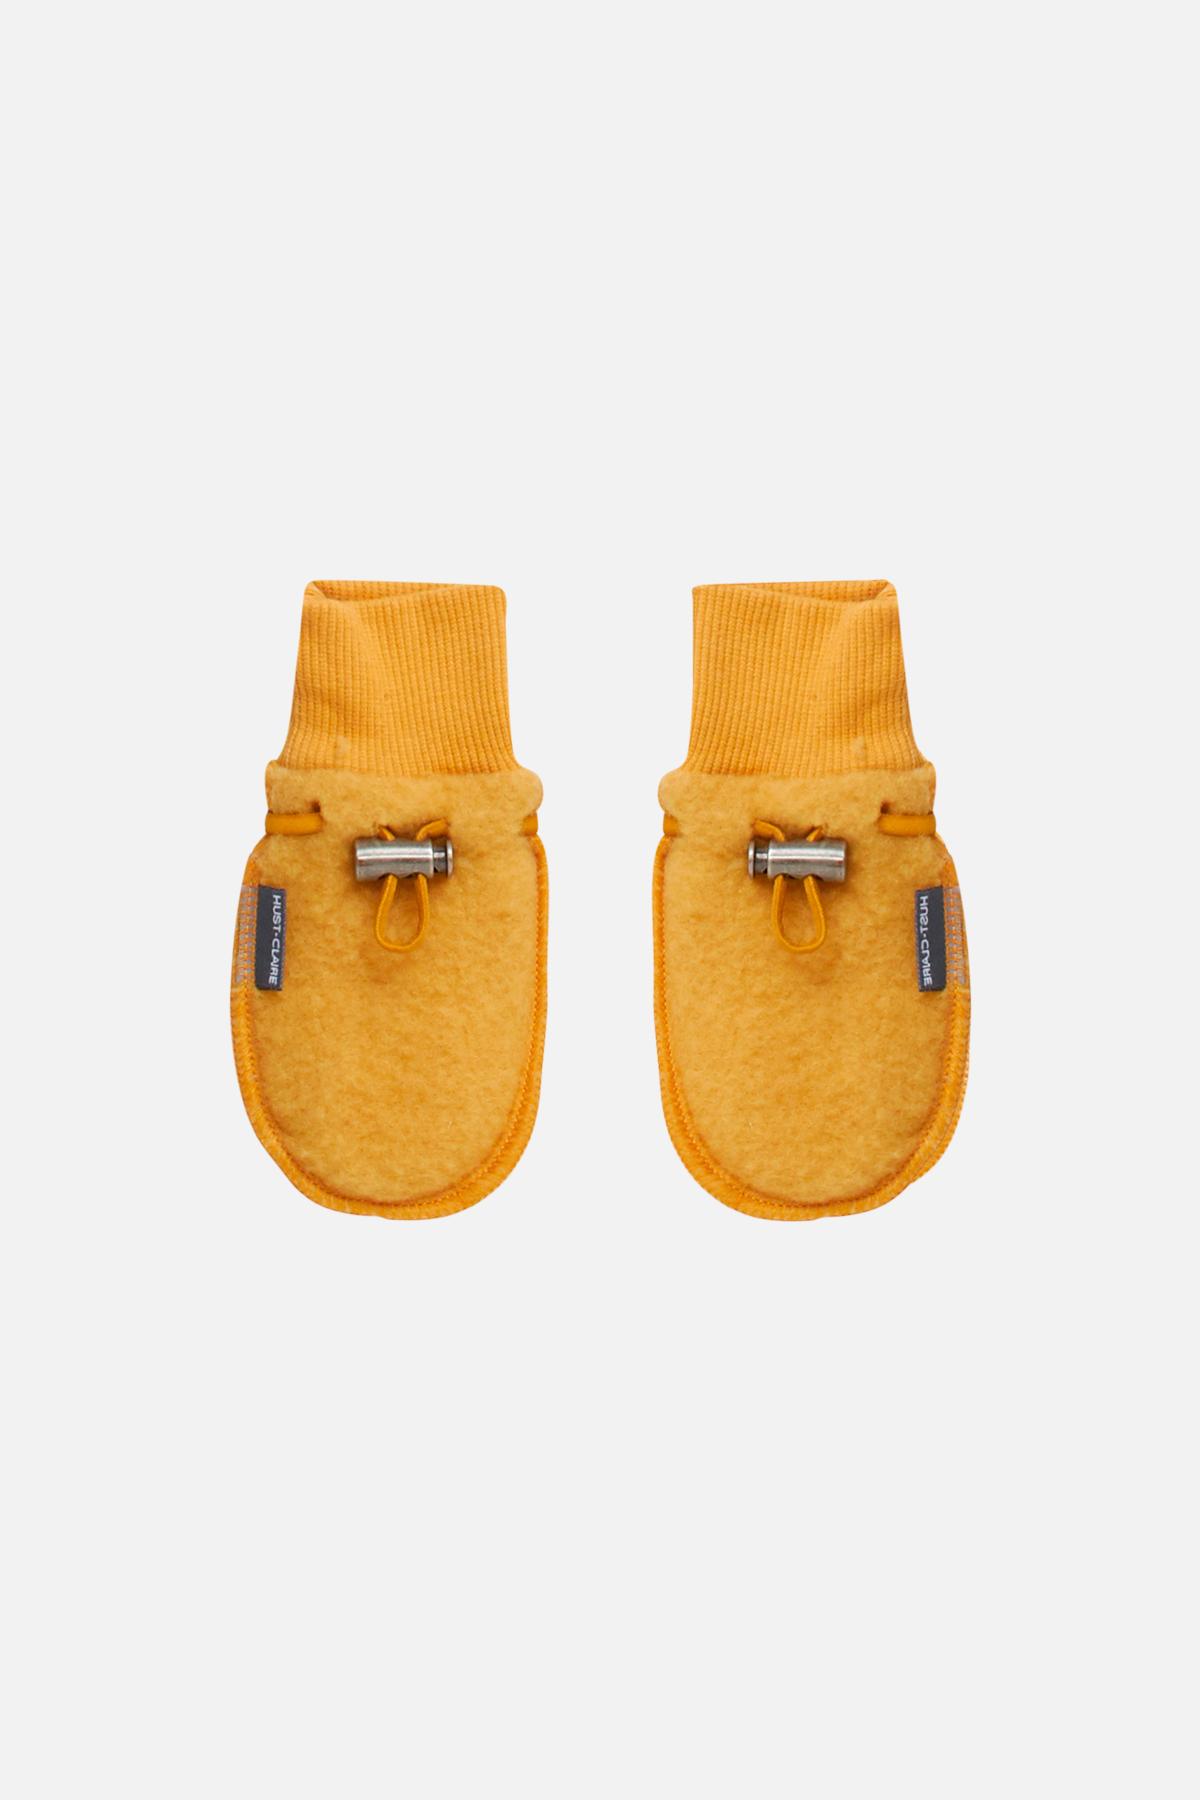 Wool Merino - Ferri - Glove